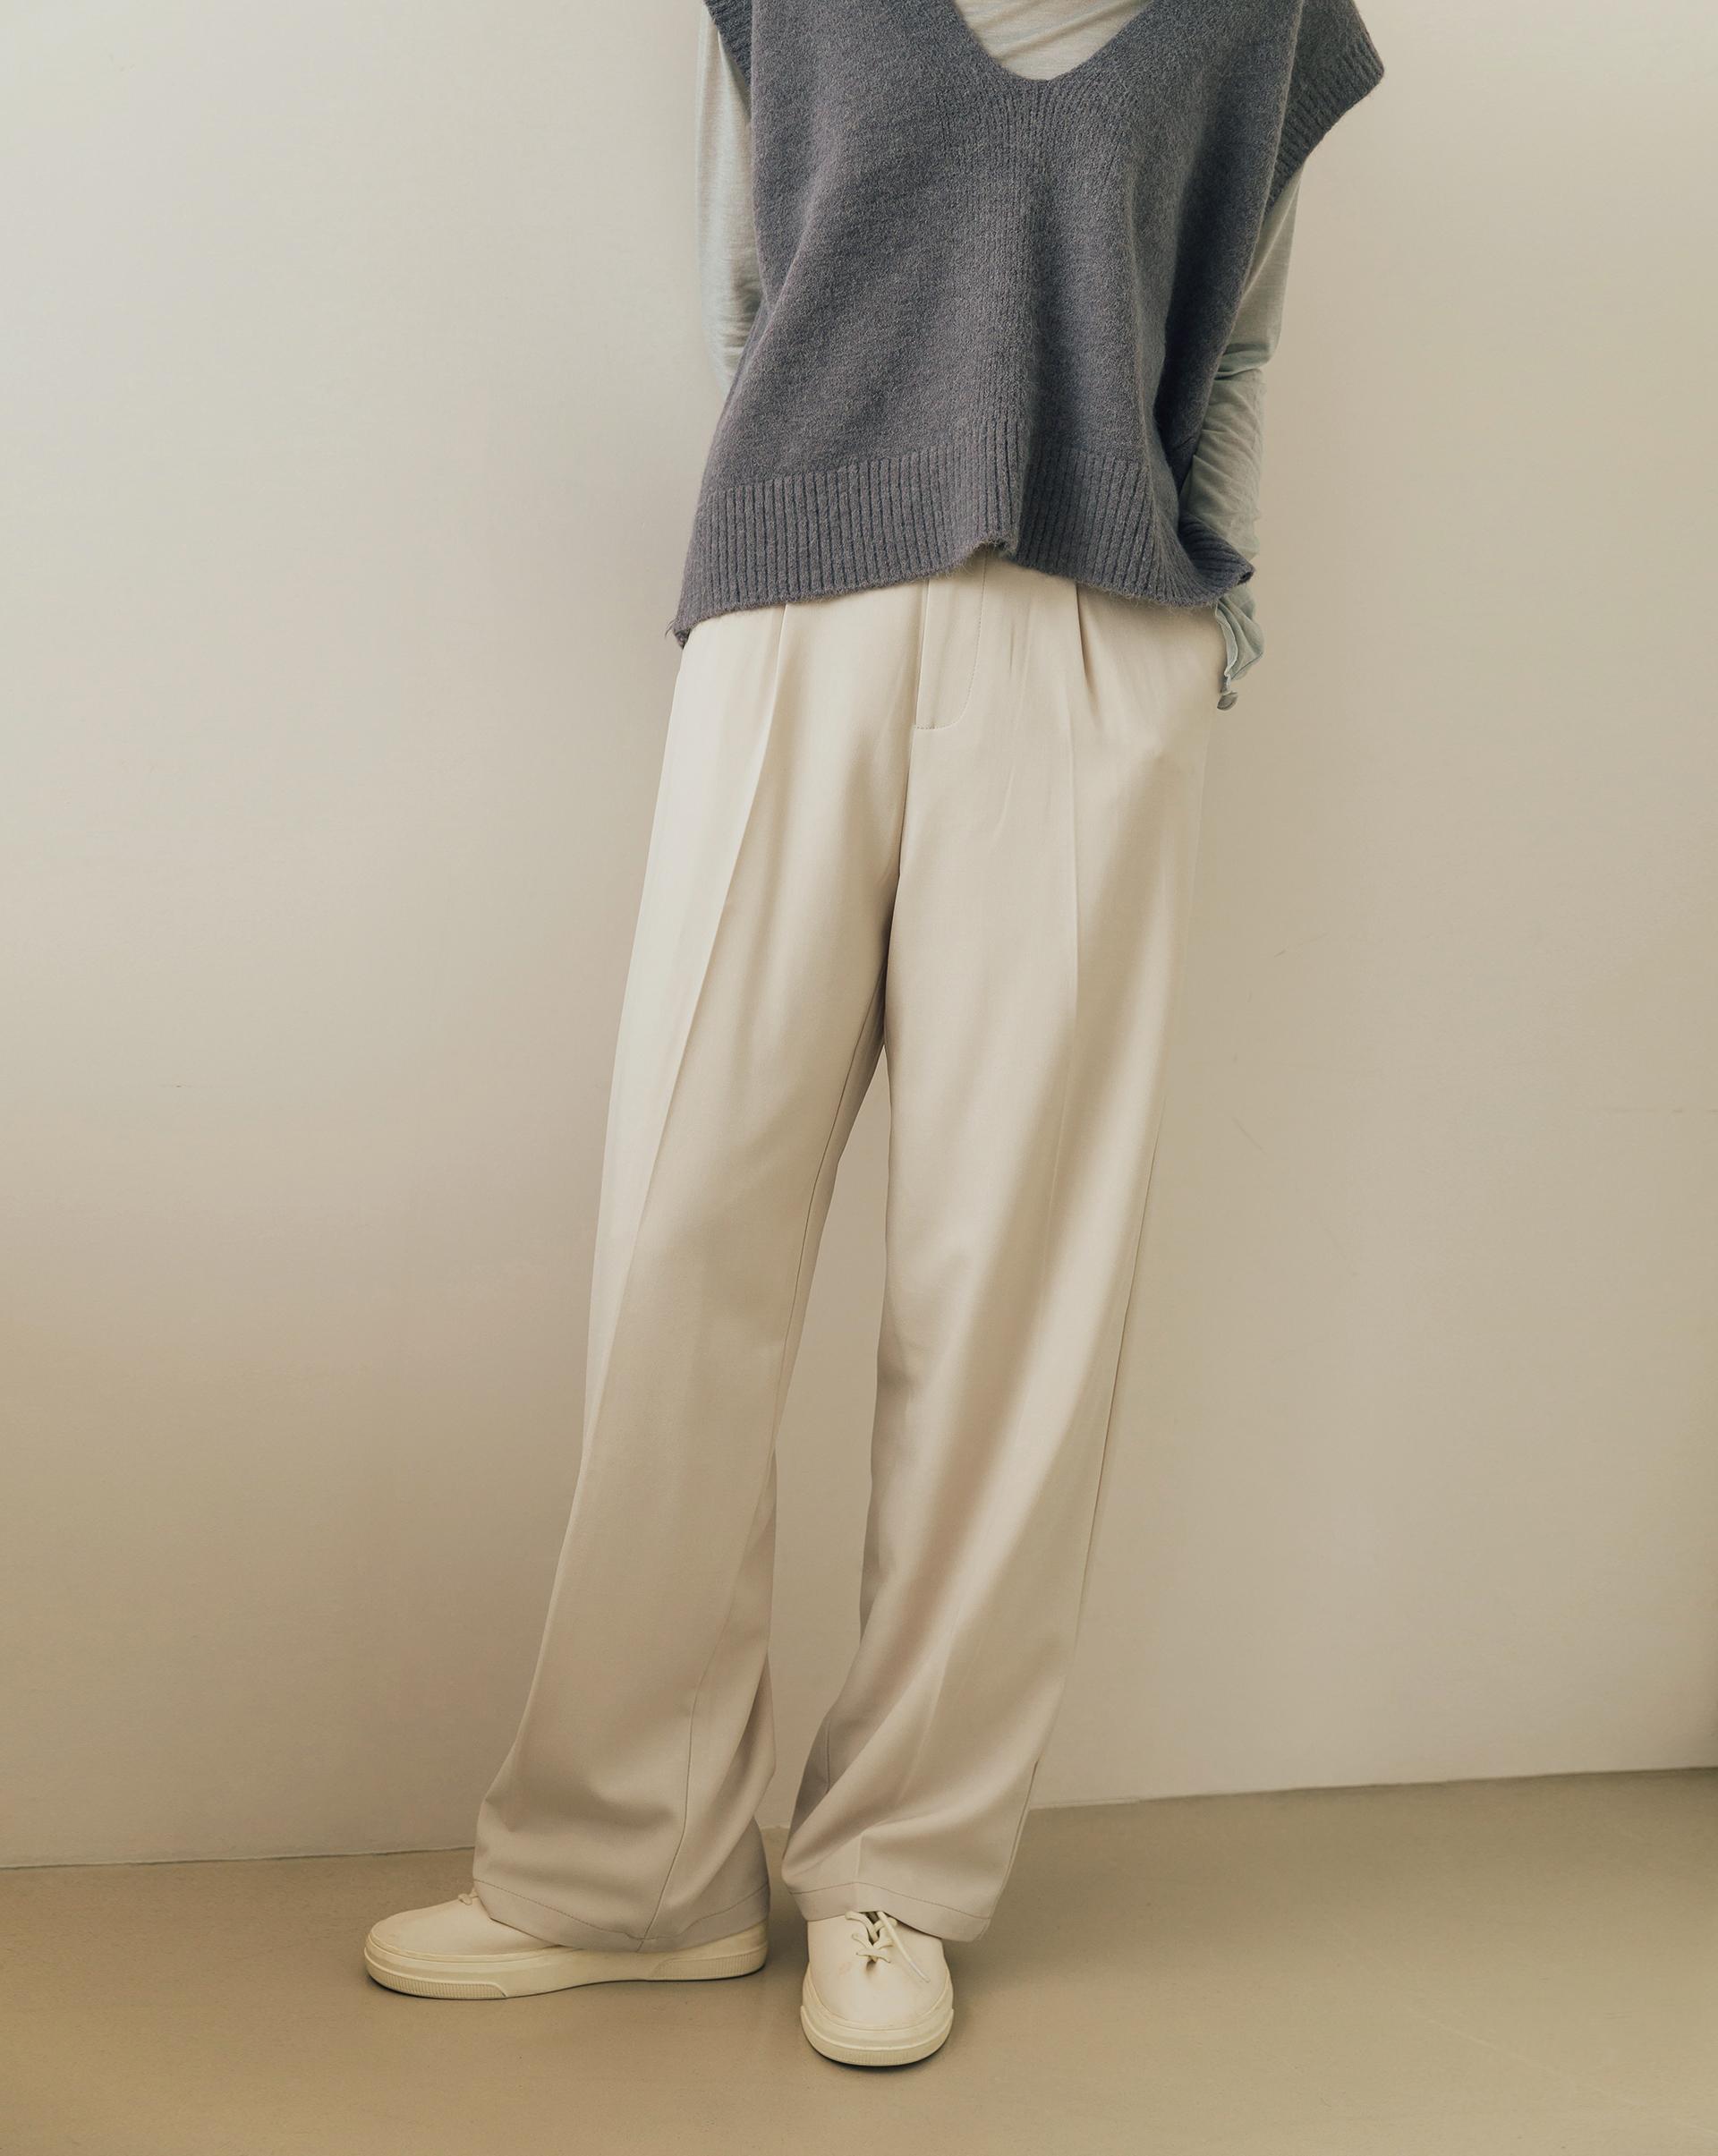 燙線設計更修飾/附全長內裡/雙側斜口袋/後裝飾假口袋